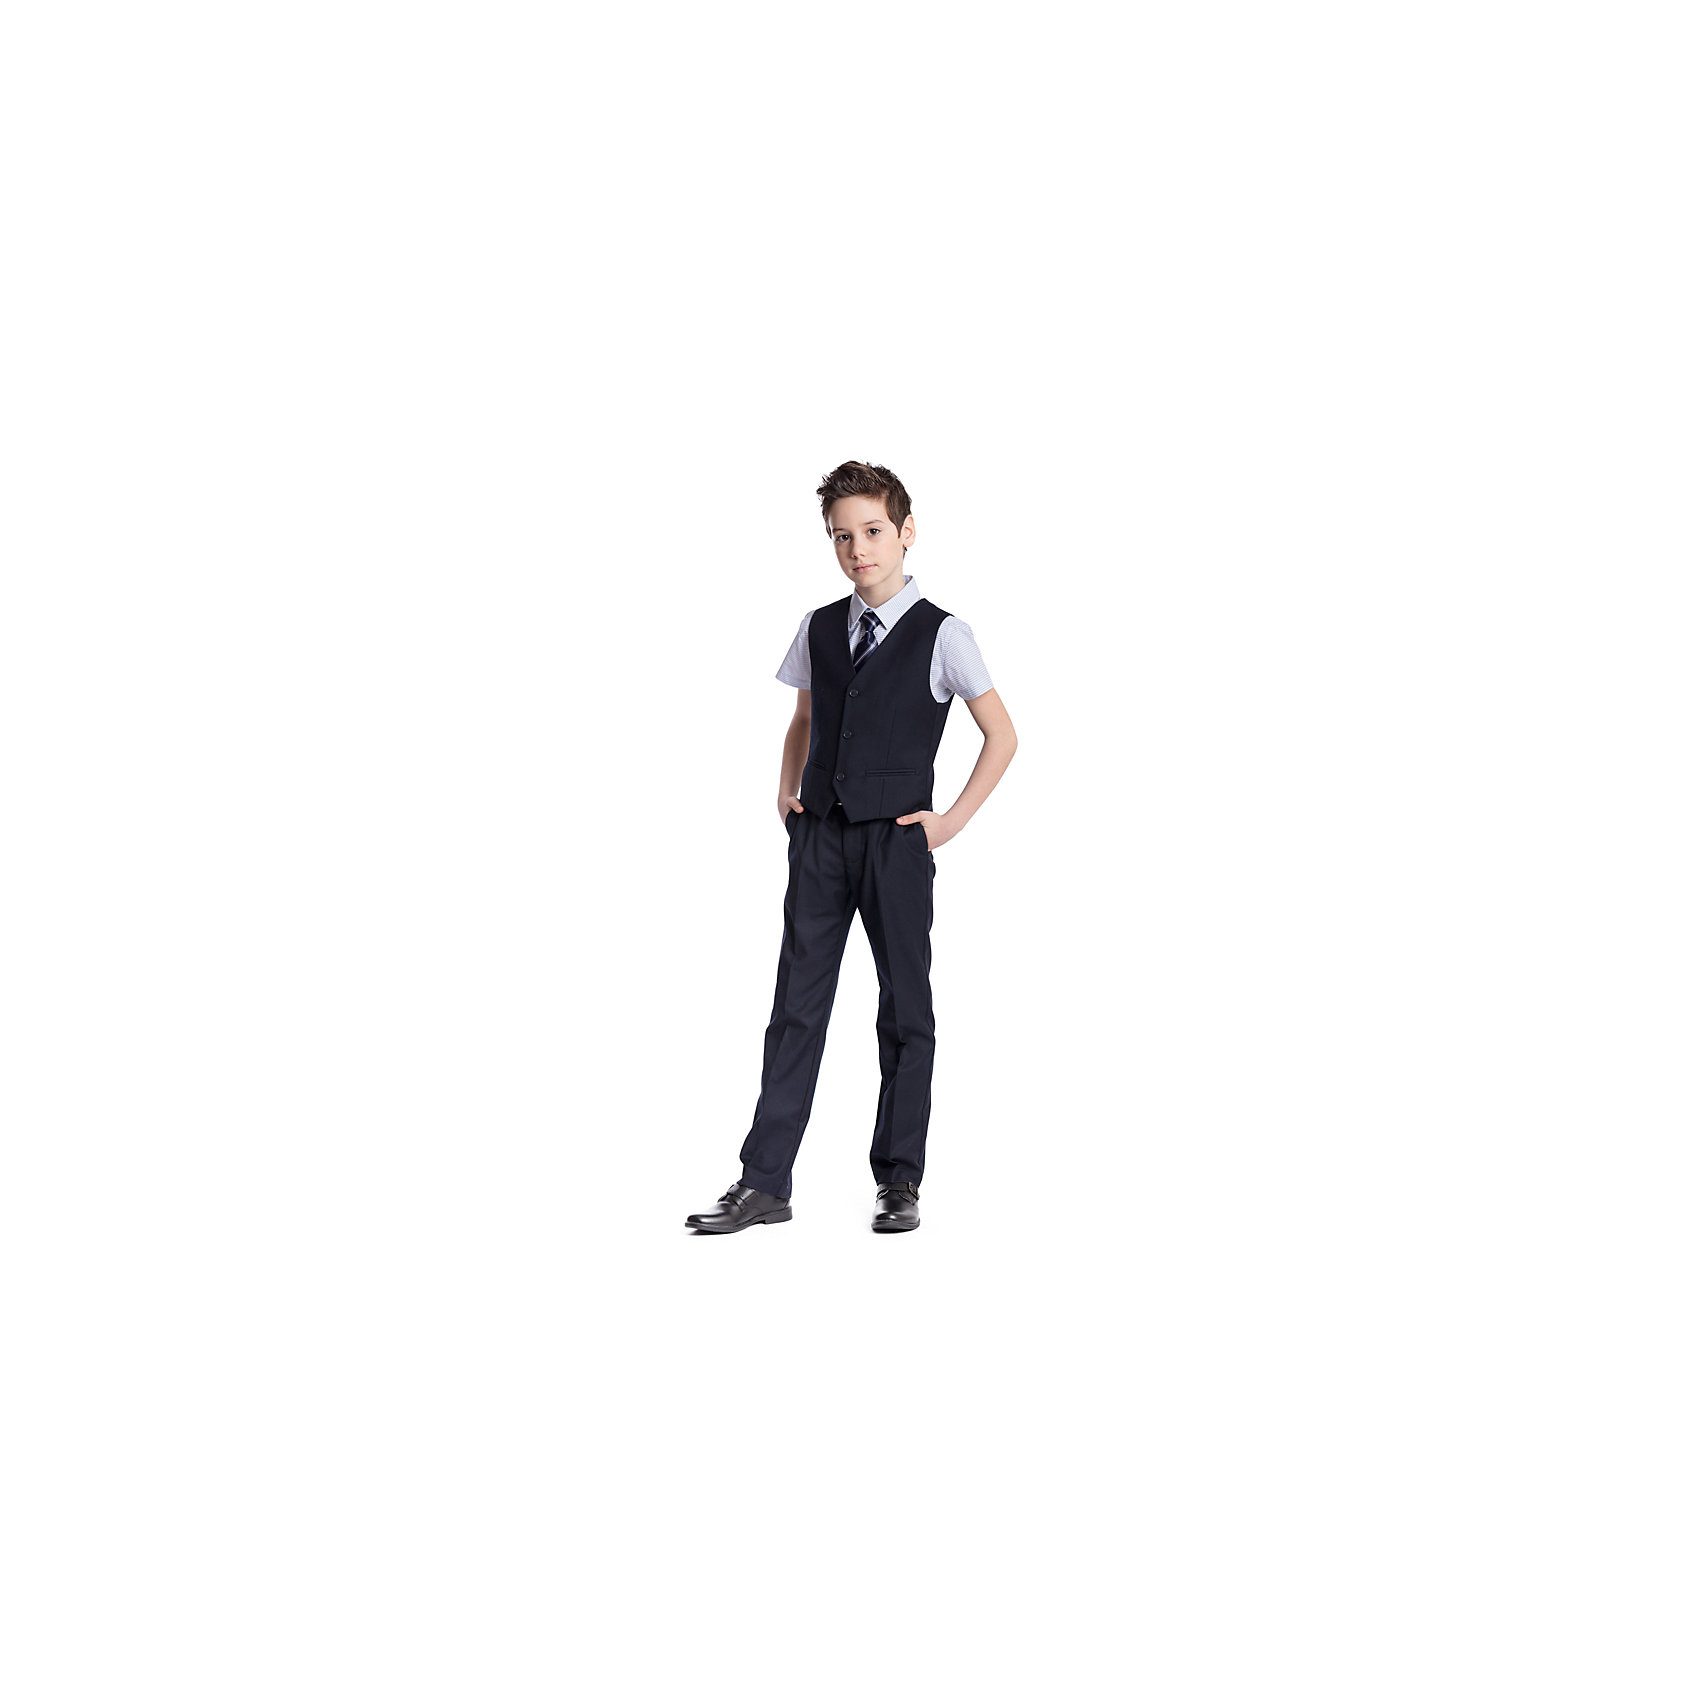 Комплект  для мальчика: брюки, жилет ScoolКостюмы и пиджаки<br>Комплект  для мальчика: брюки, жилет Scool<br>Удобный практичный комплект из жилета и брюк в деловом стиле сможет быть как школьной формой, так и одеждой для официальных мероприятий.  Лекало этой модели полностью повторяет лекало модели для взрослого мужчины. Регулируемый ремешок на спинке жилета позволяет изделию хорошо сесть по фигуре. Брюки со стрелками; на внутренней стороне пояса предусмотрена регулировка по талии за счет удобной резинки на пуговицах.Преимущества: Жилет на подкладке из атласной тканиБрюки со шлевками, при необходимости можно использовать ремень<br>Состав:<br>Верх: 65% полиэстер, 35% вискоза, Подкладка: 65% полиэстер 35% вискоза<br><br>Ширина мм: 215<br>Глубина мм: 88<br>Высота мм: 191<br>Вес г: 336<br>Цвет: синий<br>Возраст от месяцев: 156<br>Возраст до месяцев: 168<br>Пол: Мужской<br>Возраст: Детский<br>Размер: 164,122,128,134,140,146,152,158<br>SKU: 6754399